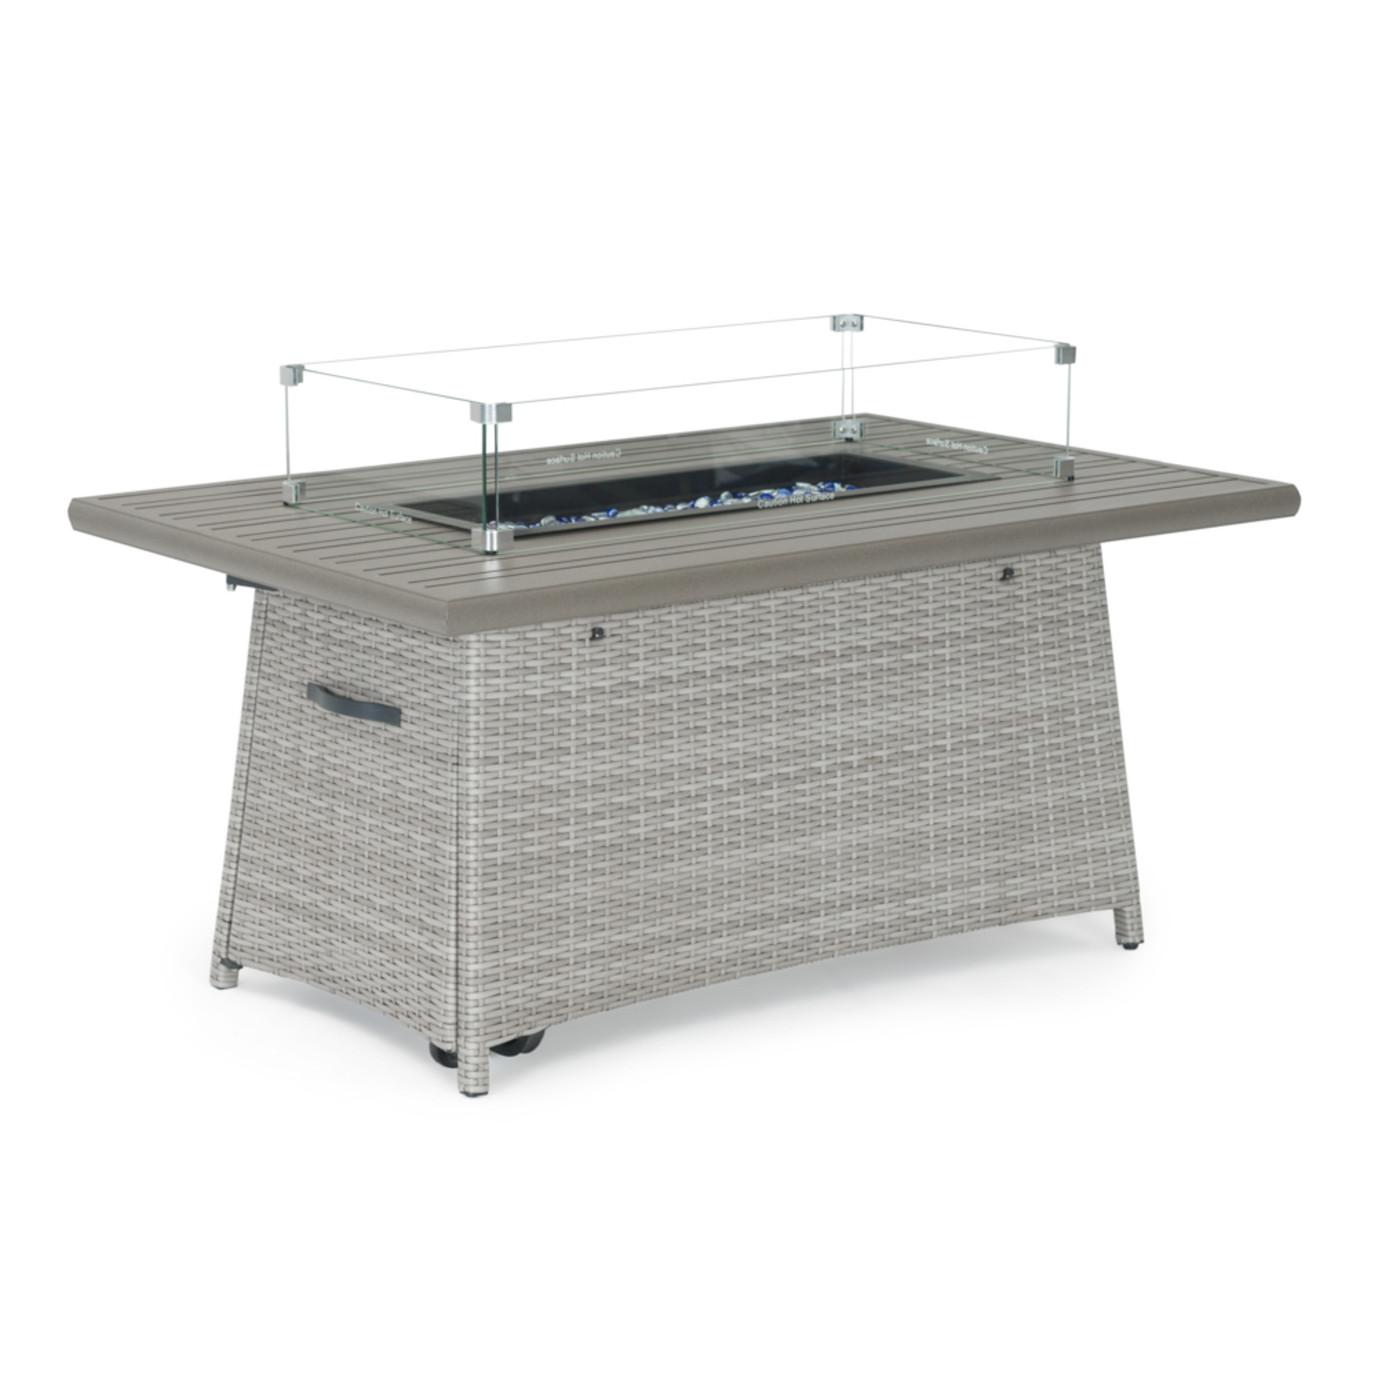 Portofino® Casual 50x32 Fire Table - Gray